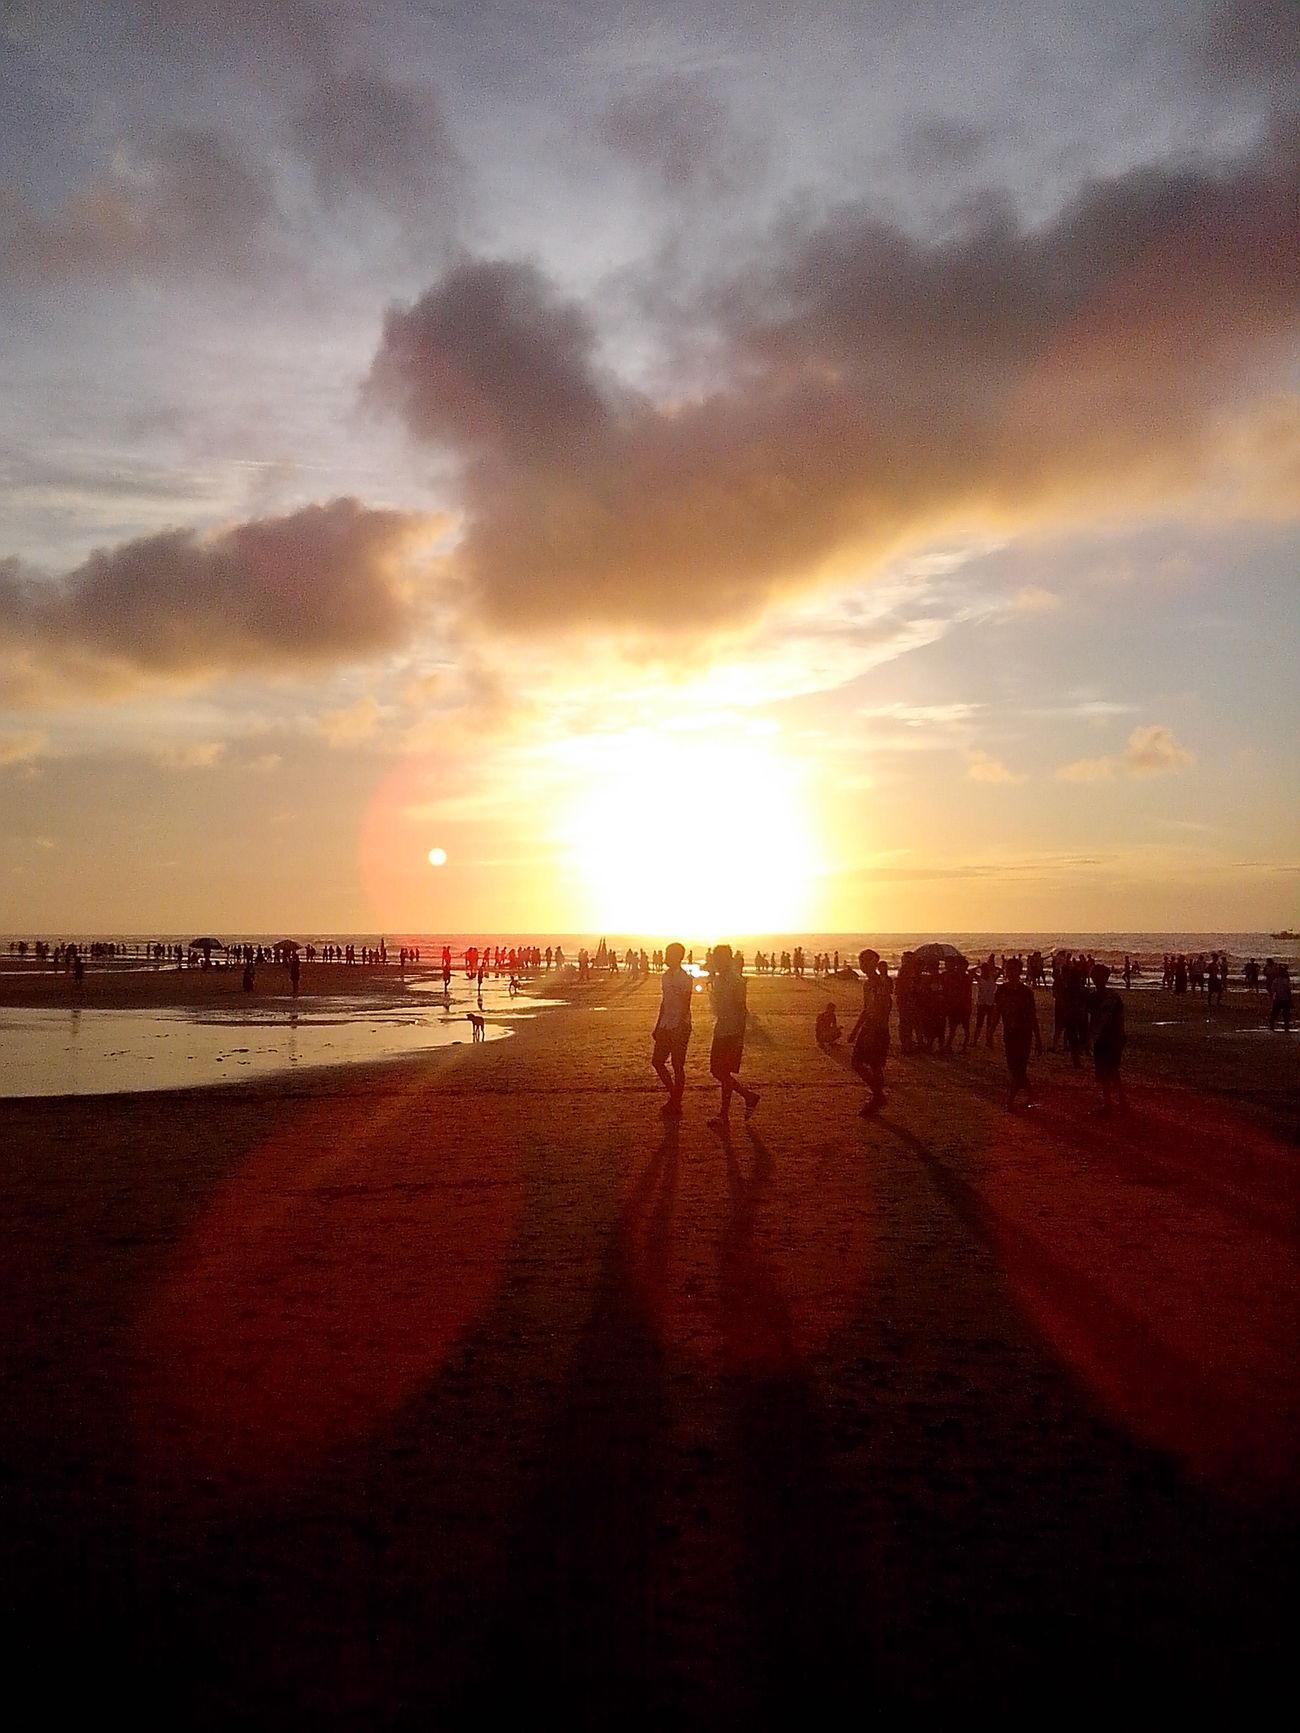 Sam Son beach in Thanh Hoa province, Viet Nam